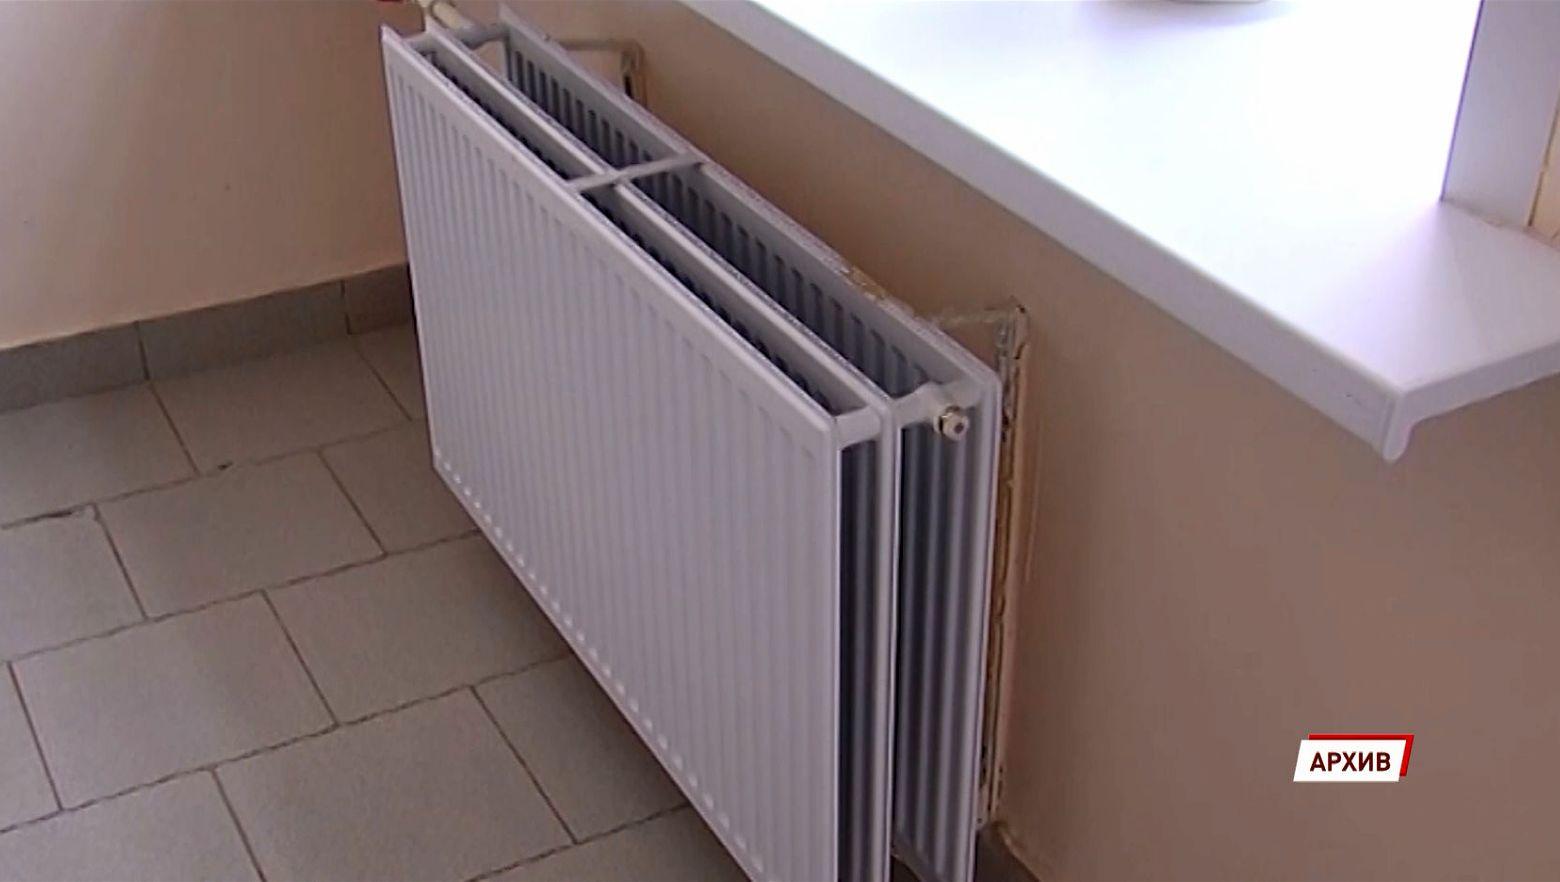 Департамент городского хозяйства Мэрии обратился к ярославцам с просьбой лично проконтролировать ход регулировки системы отопления